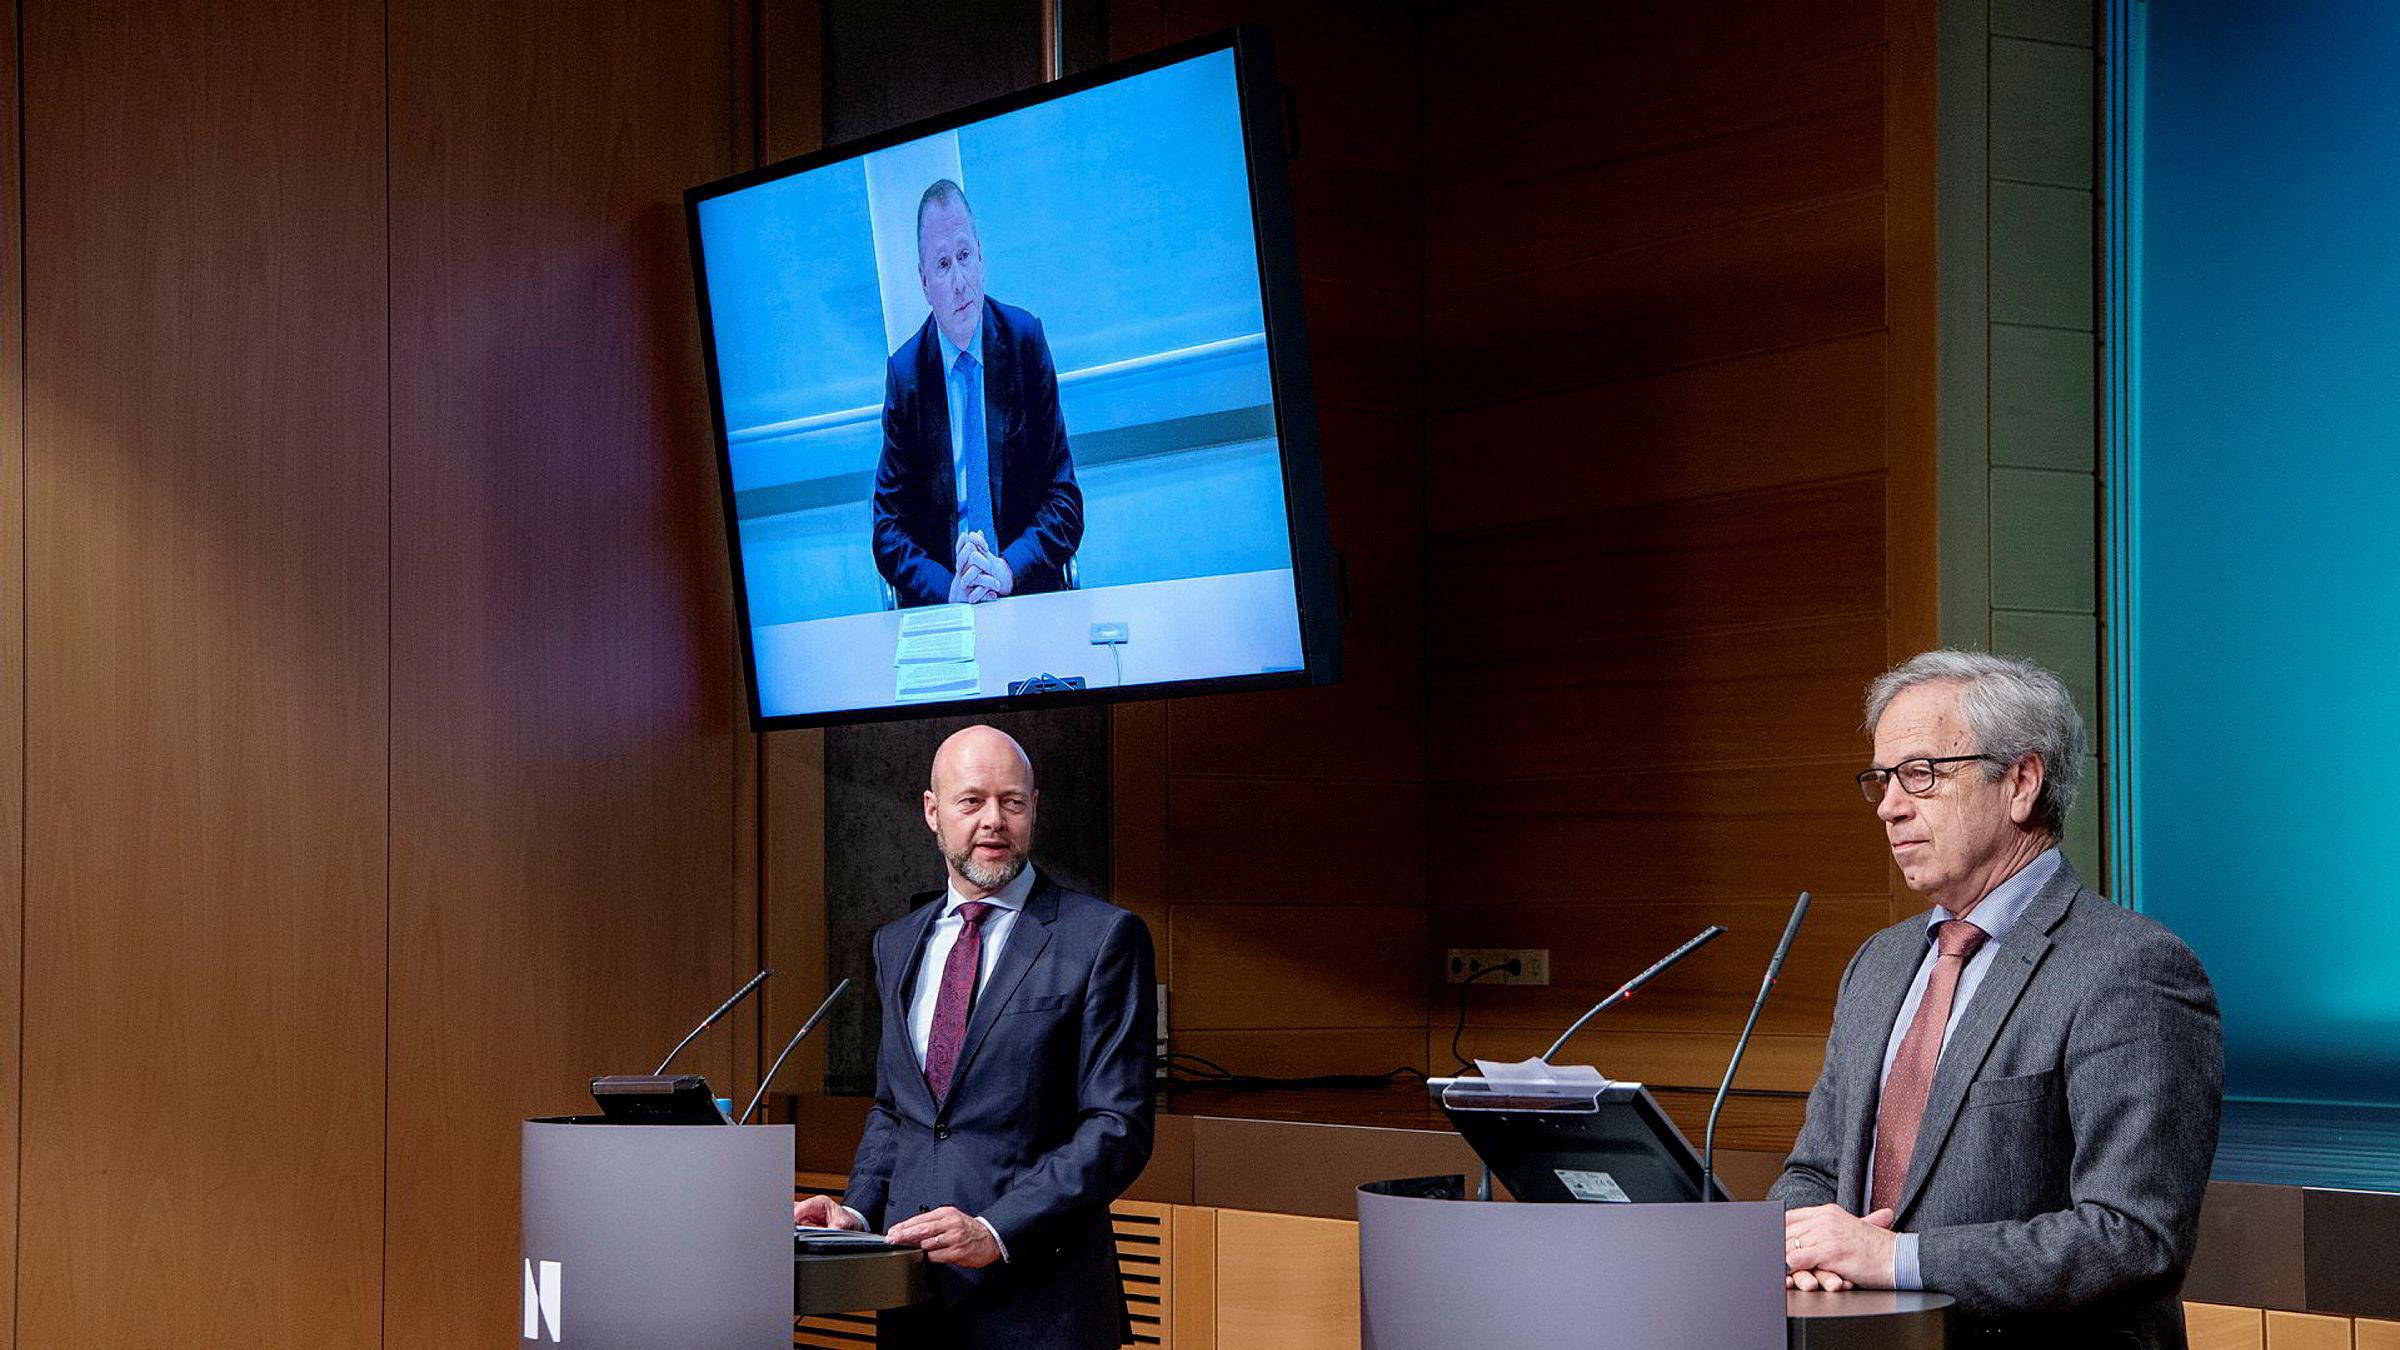 Sentralbanksjef Øystein Olsen (til høyre) presenterte på pressekonferanse 26. mars nyheten om at Nicolai Tangen (på skjermen) er utpekt som ny sjef for Oljefondet når Yngve Slyngstad går av.